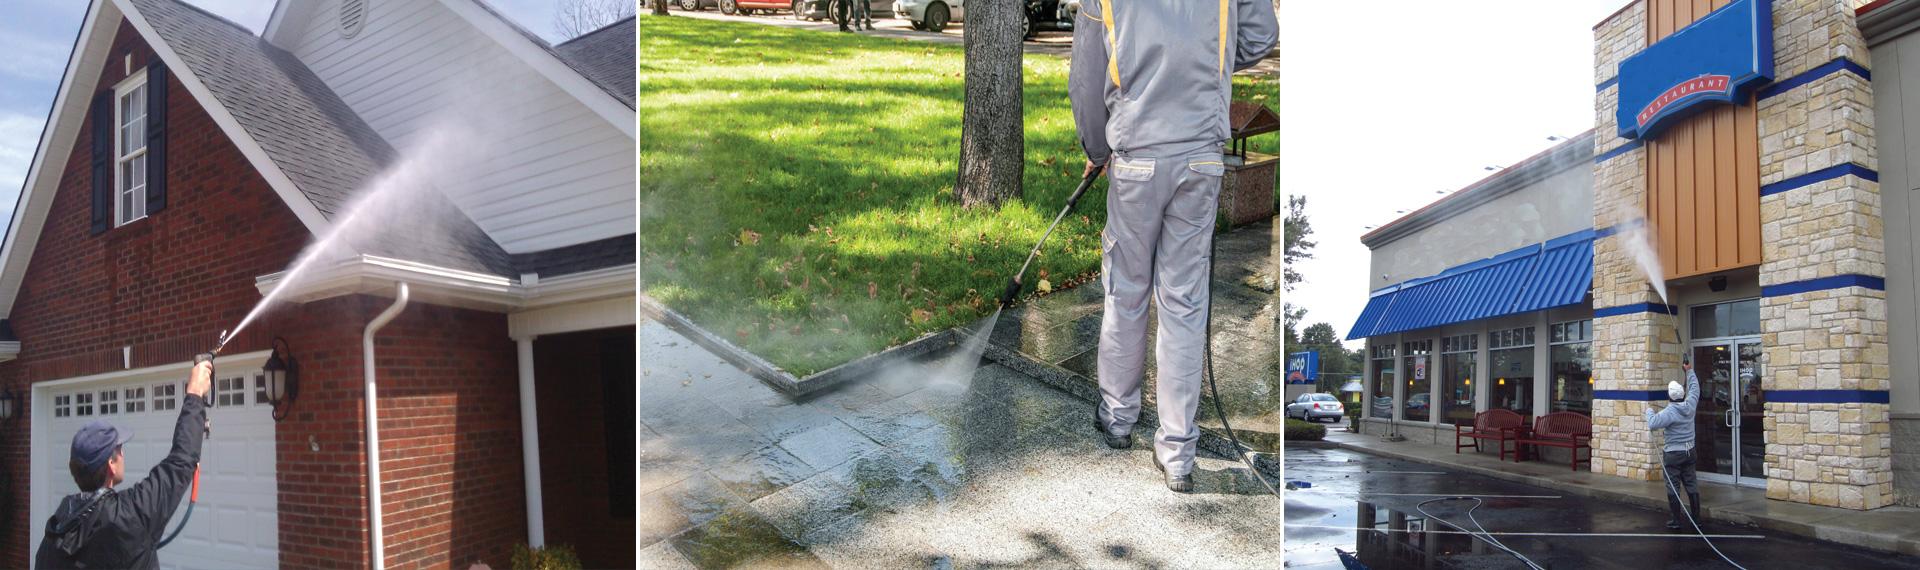 Metro Mobile Pressure Washing Chantilly VA